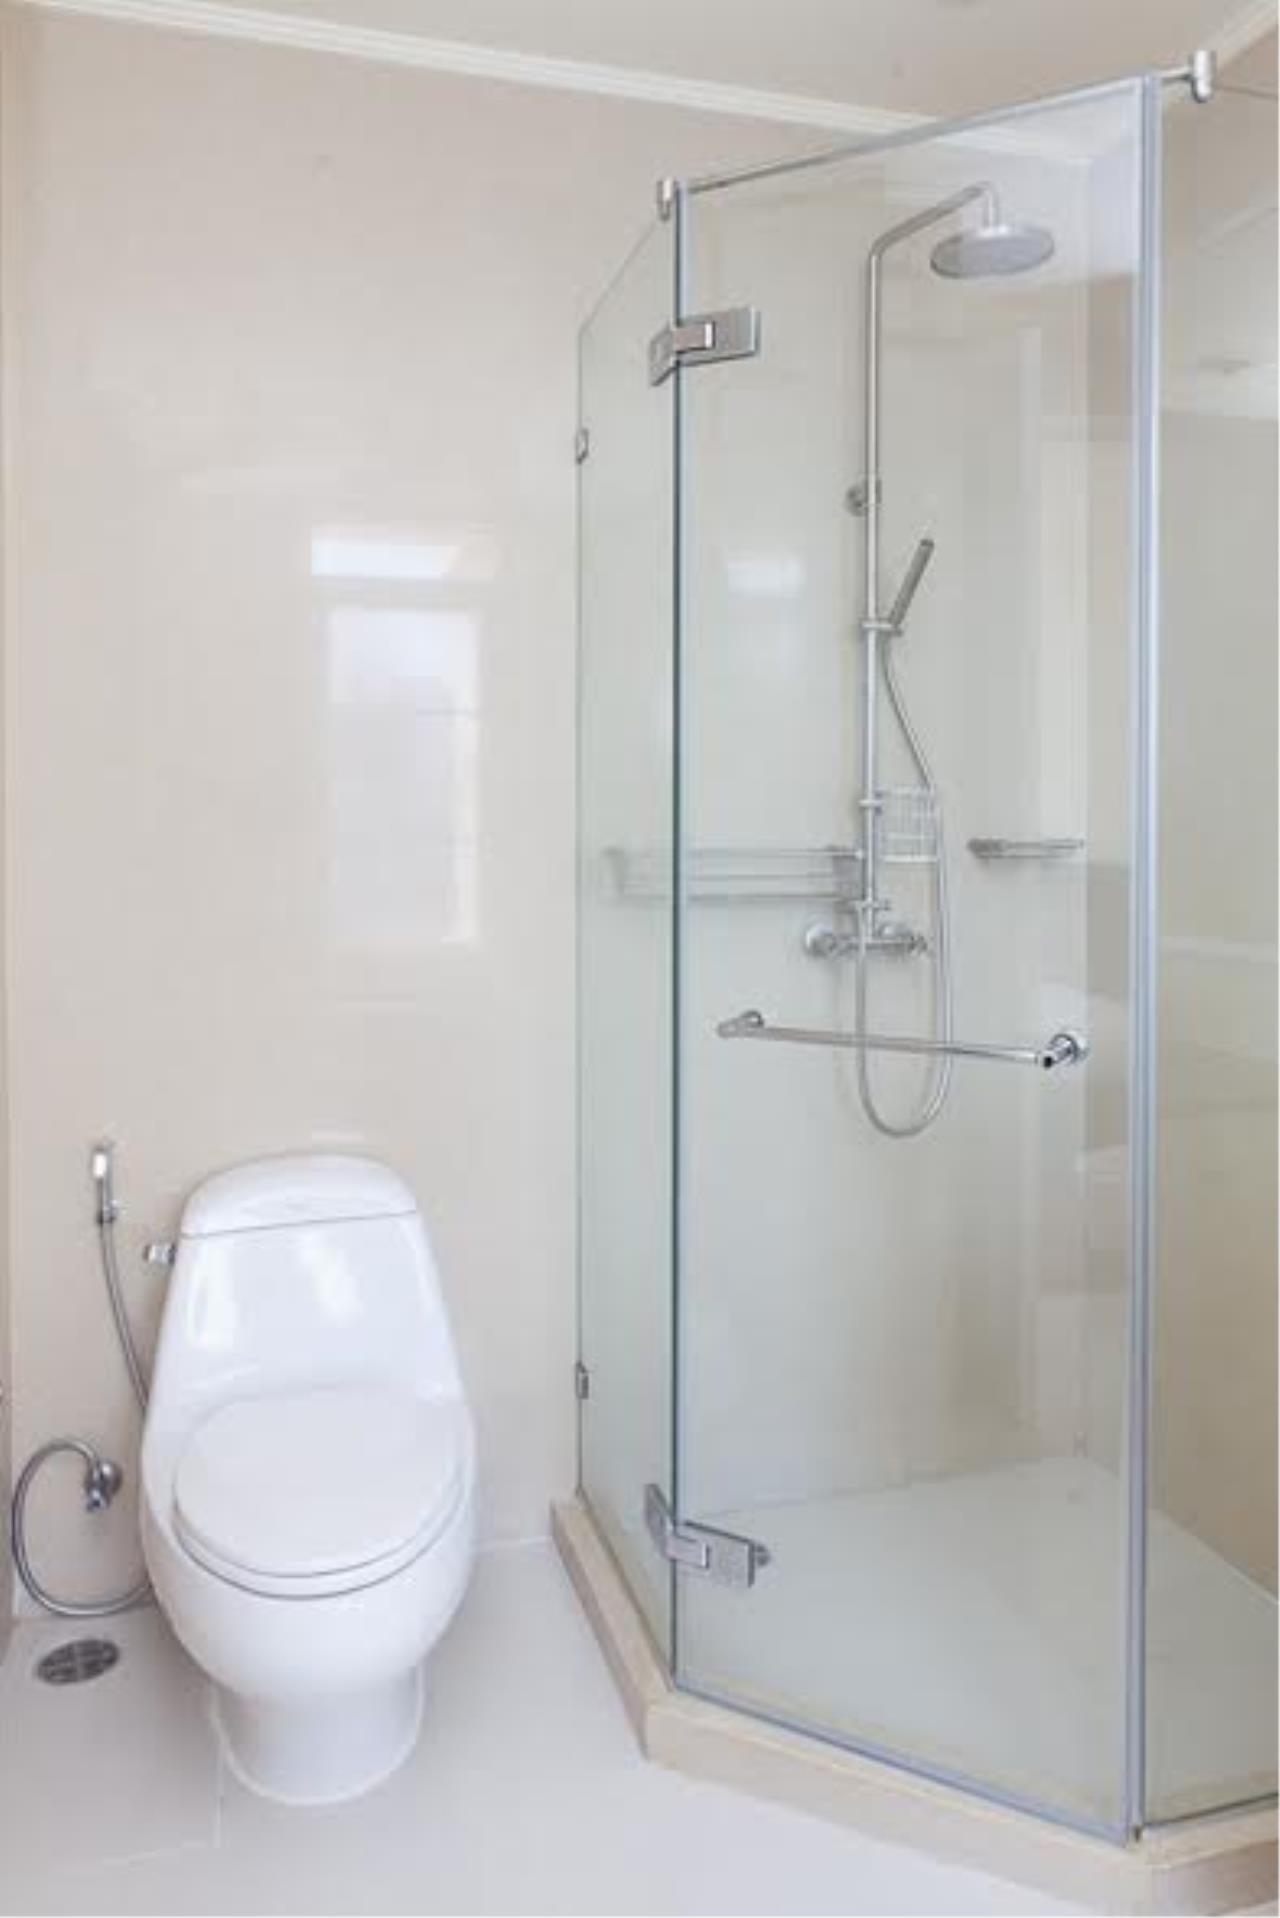 RE/MAX BestLife Agency's Hampton Court Rent 3 bedrooms Thong Lor 19